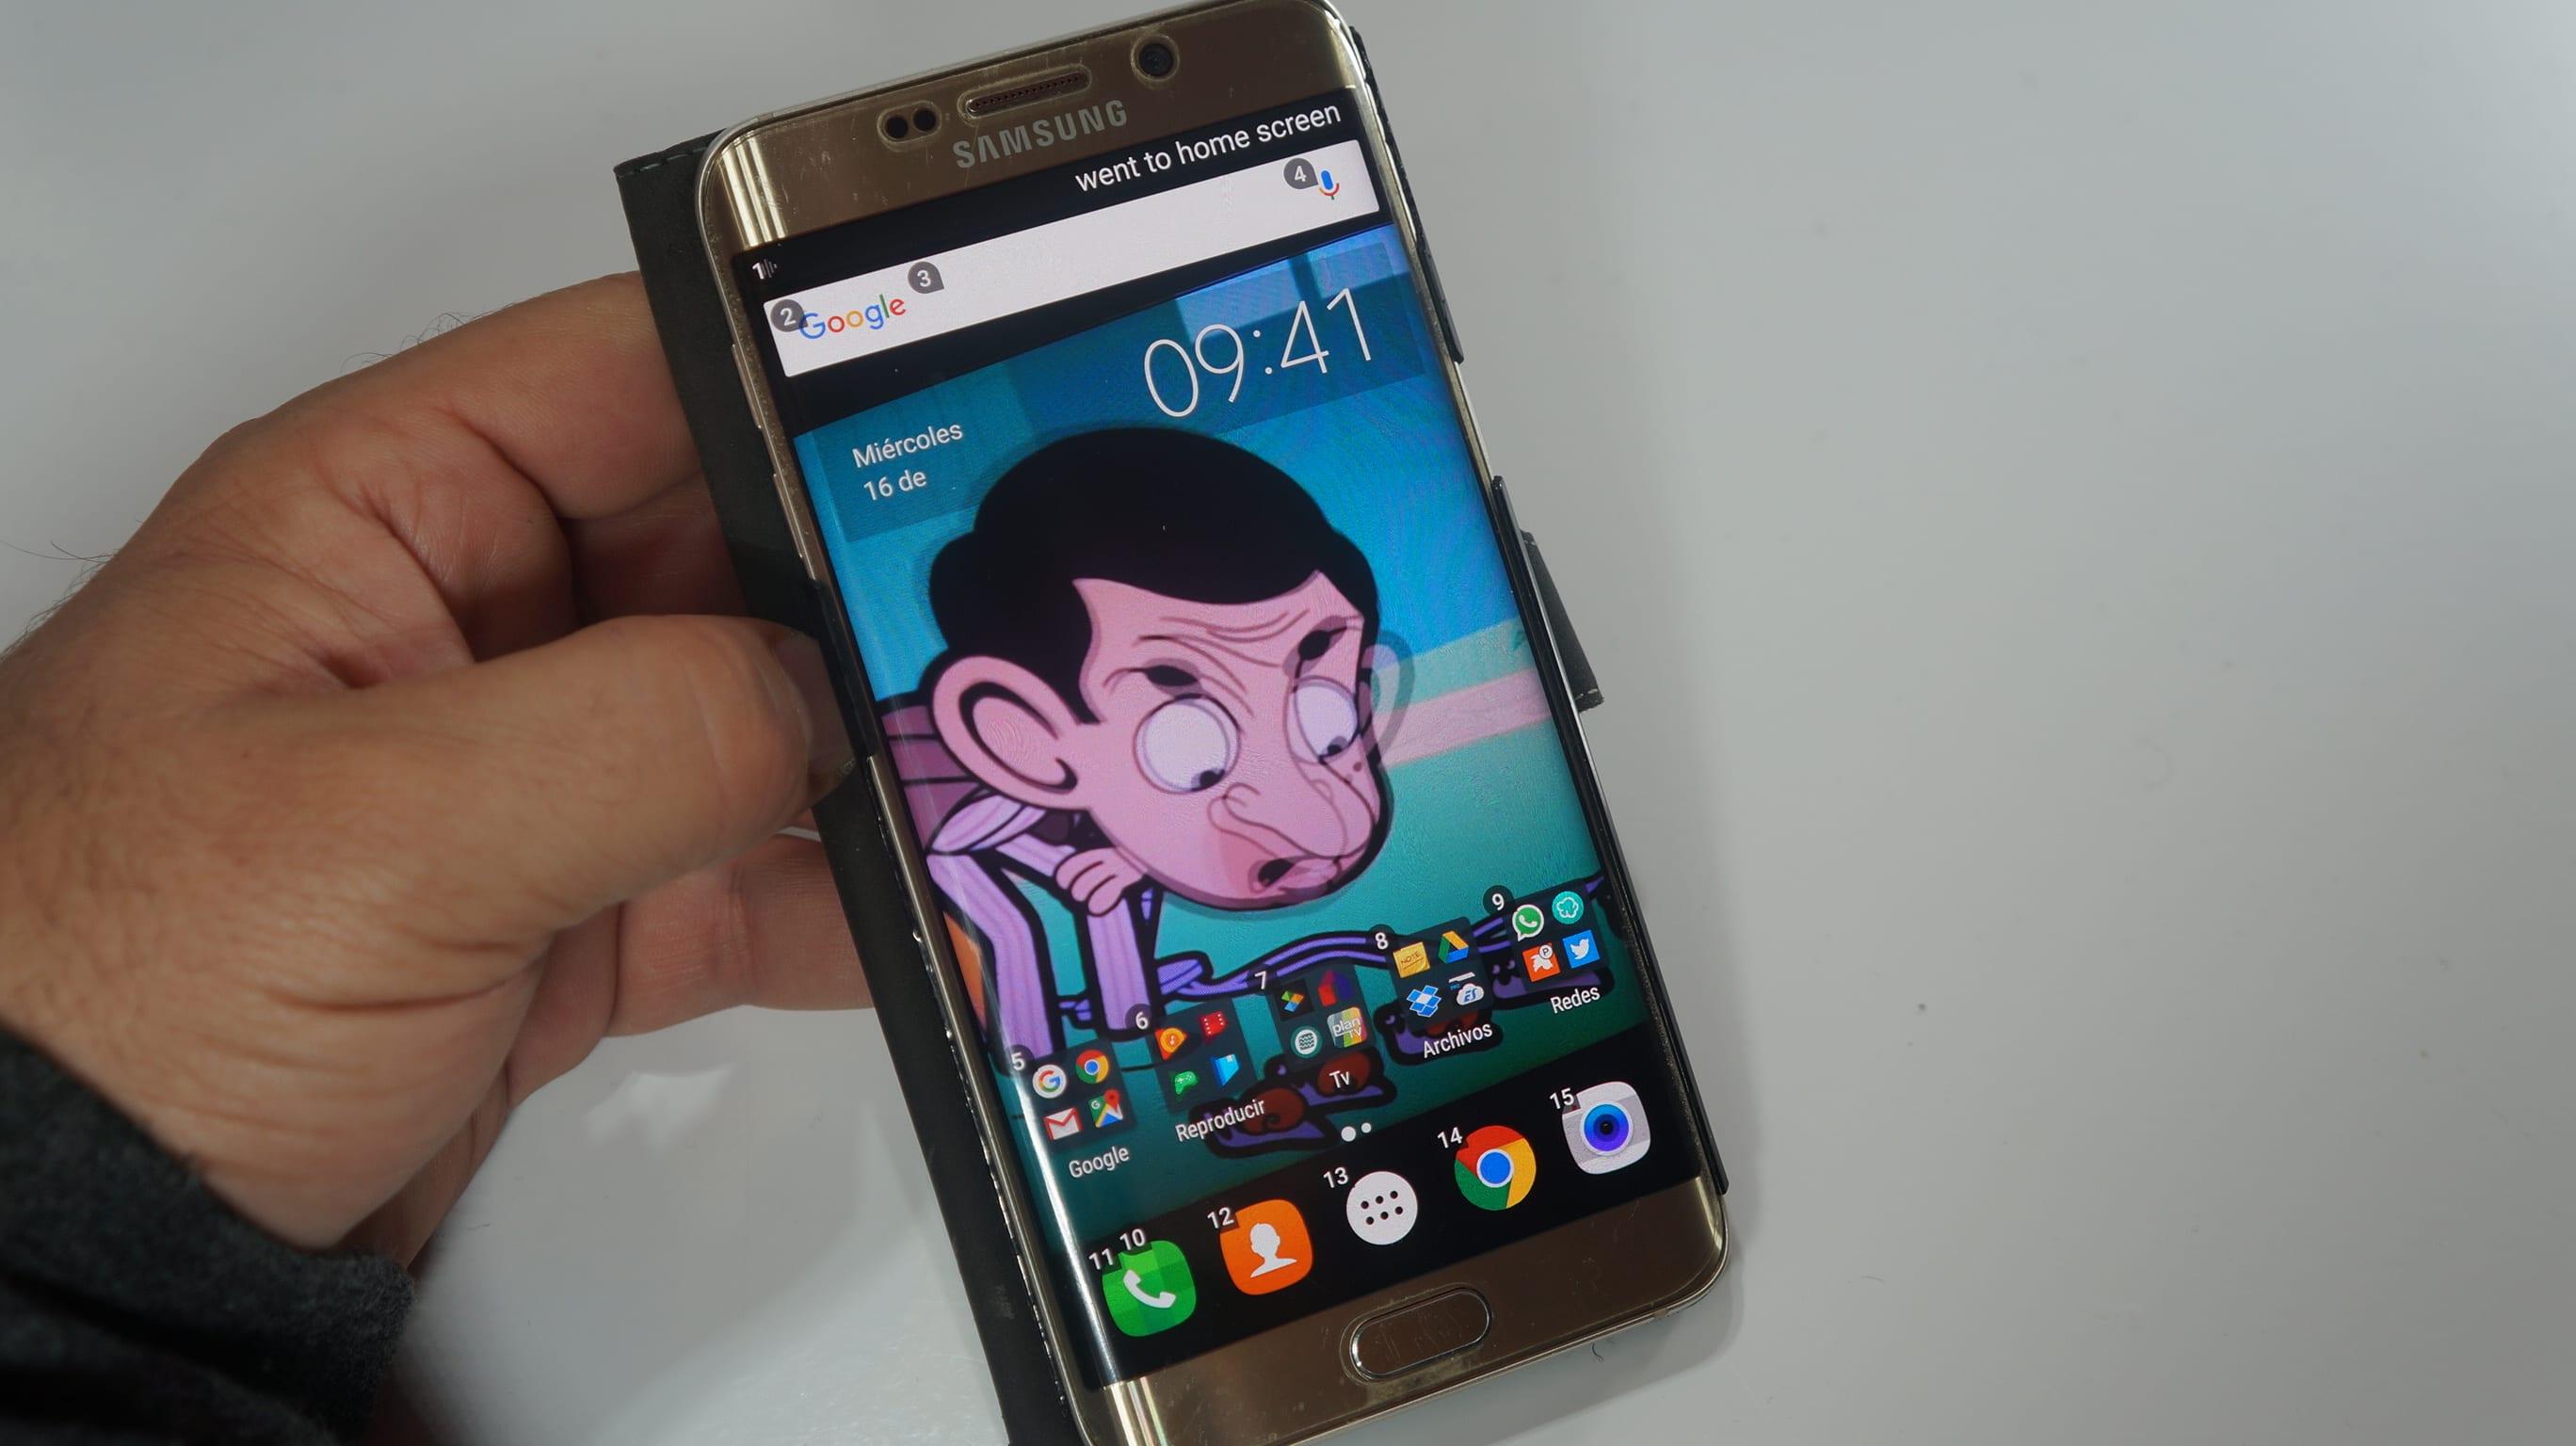 ¡¡IMPRESIONANTE!! Cómo controlar Android con la voz